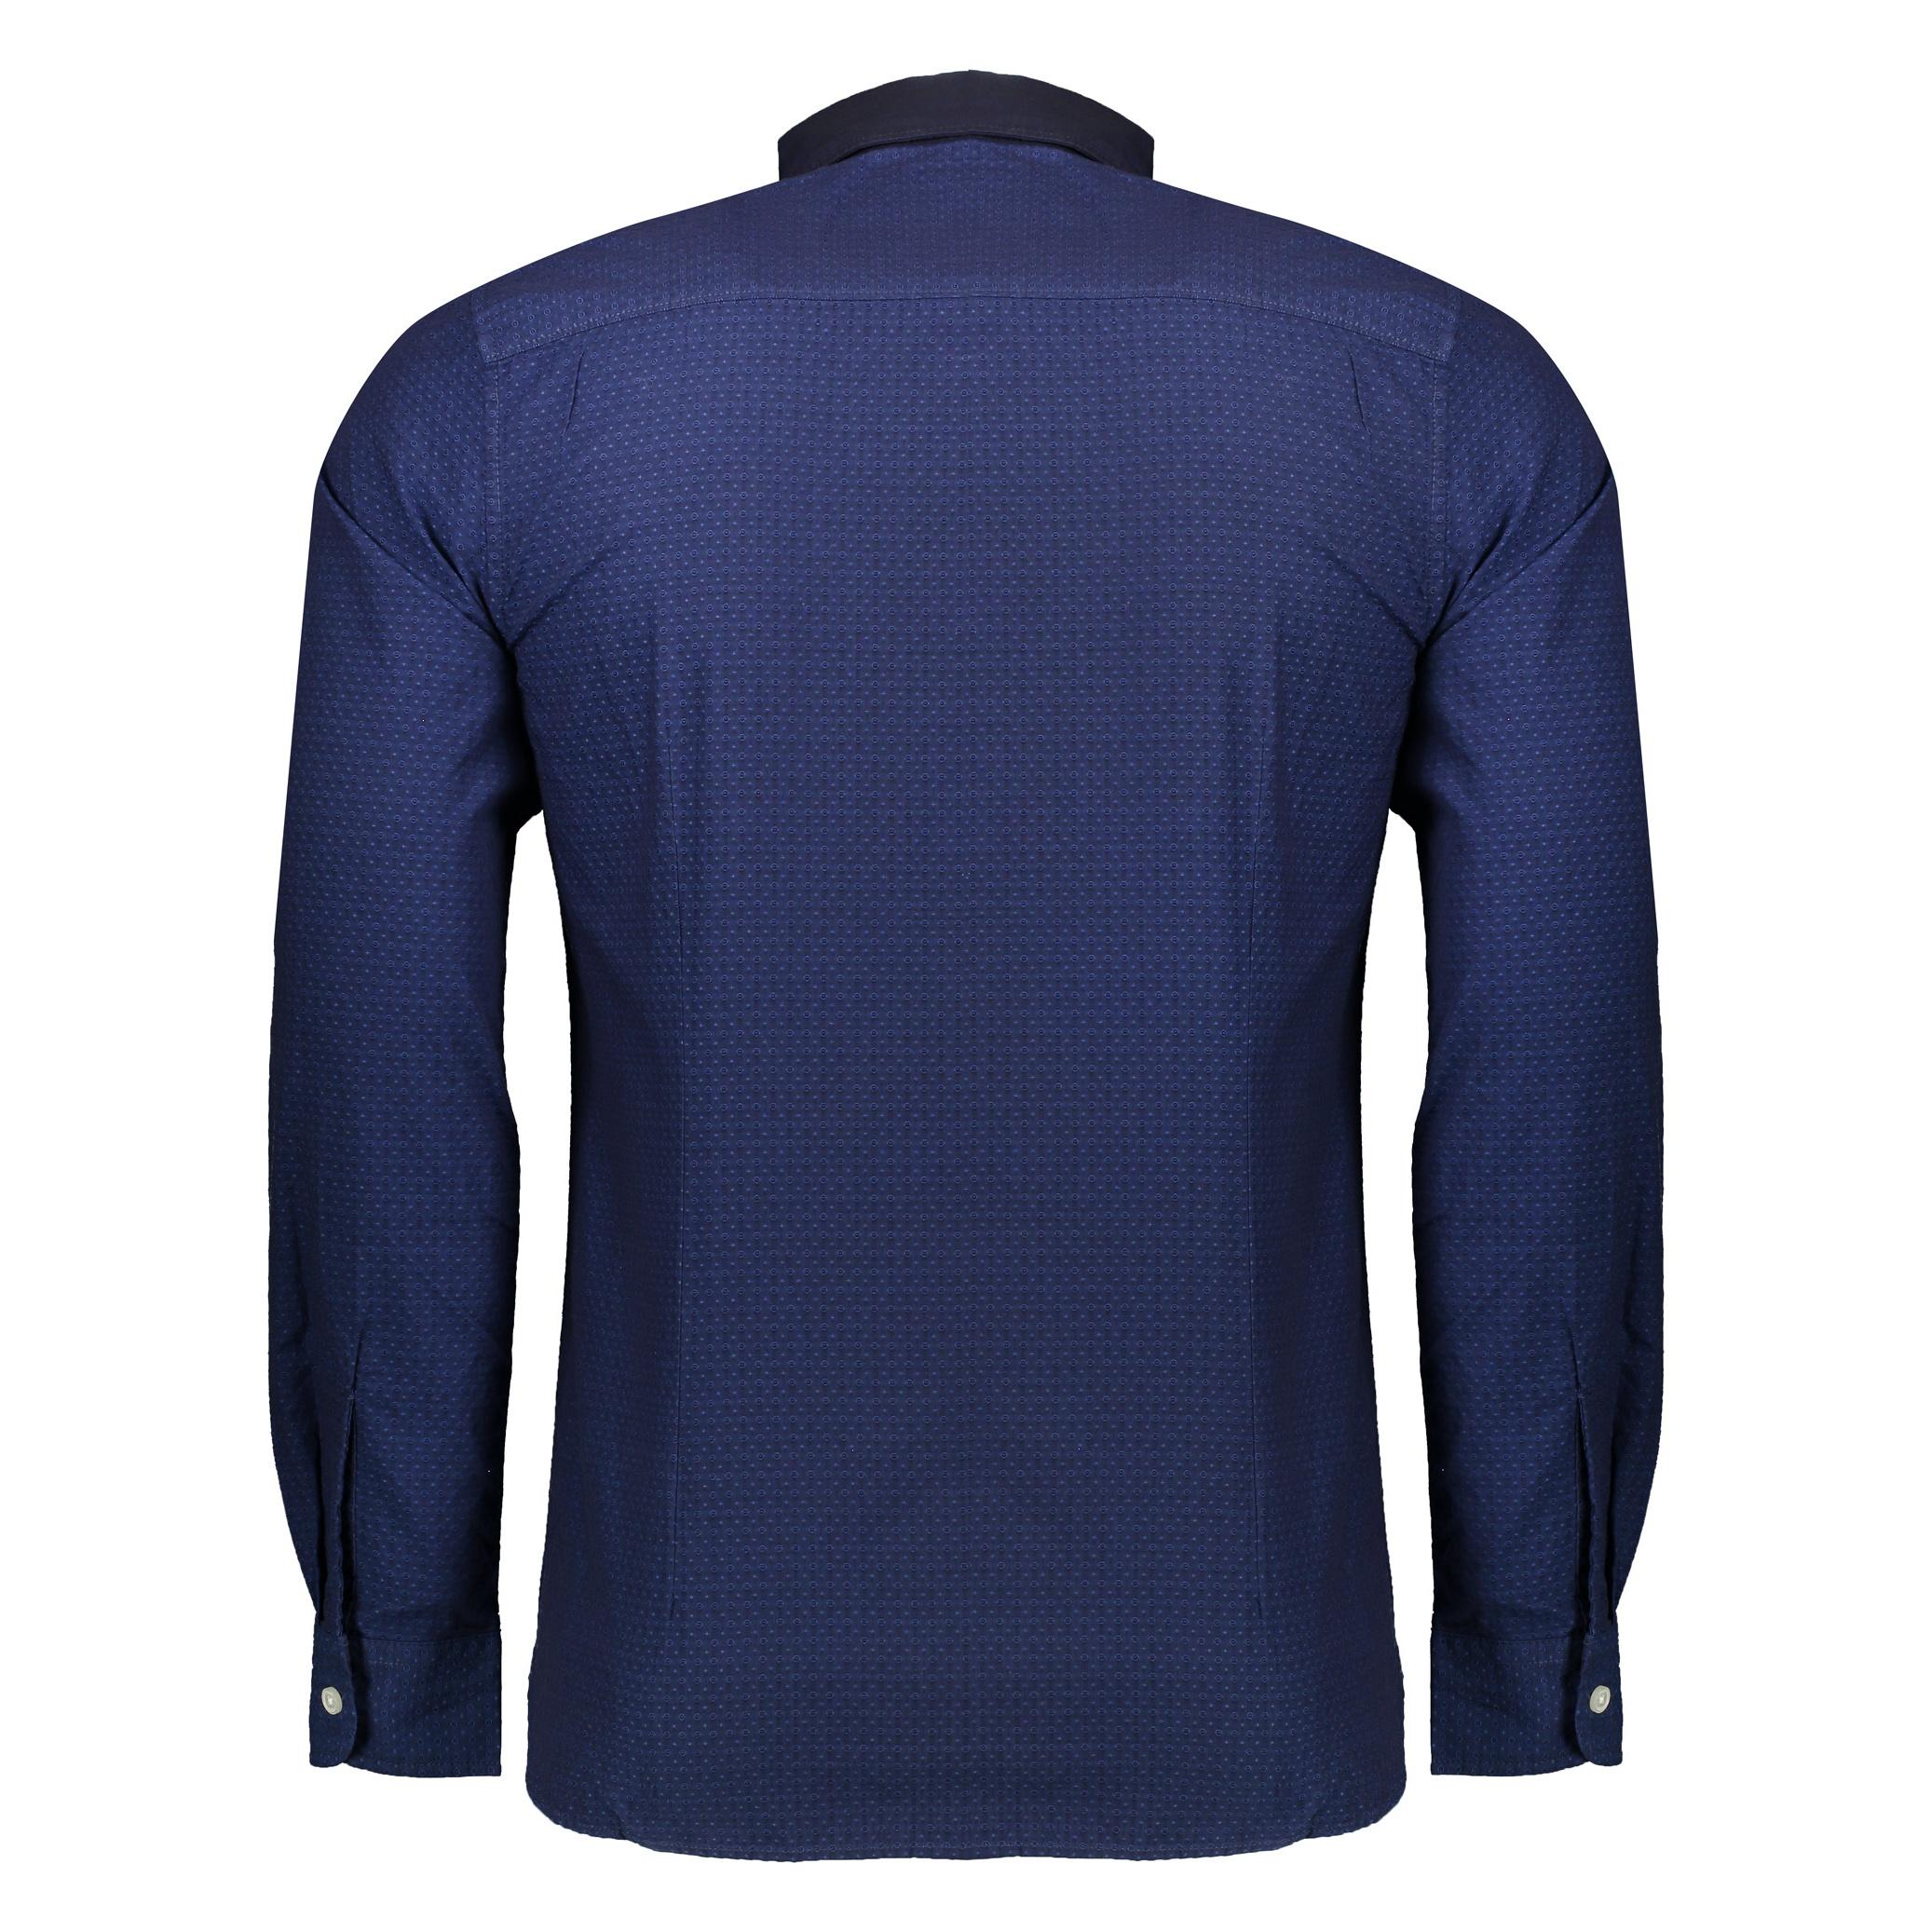 پیراهن مردانه اسپرینگ فیلد مدل 1506544-12